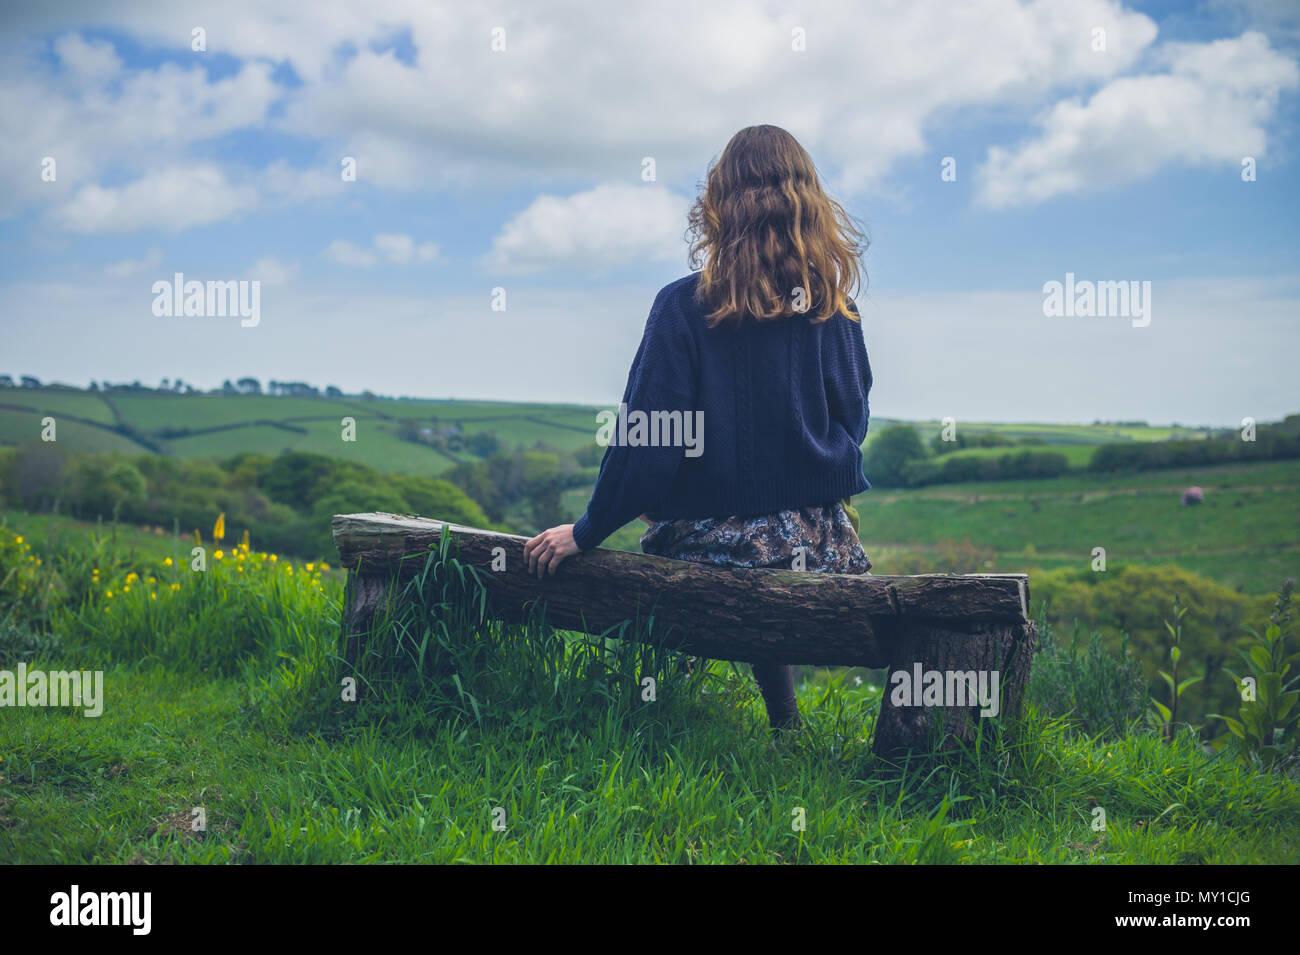 Eine junge Frau sitzt auf einer Bank auf dem Land Stockfoto